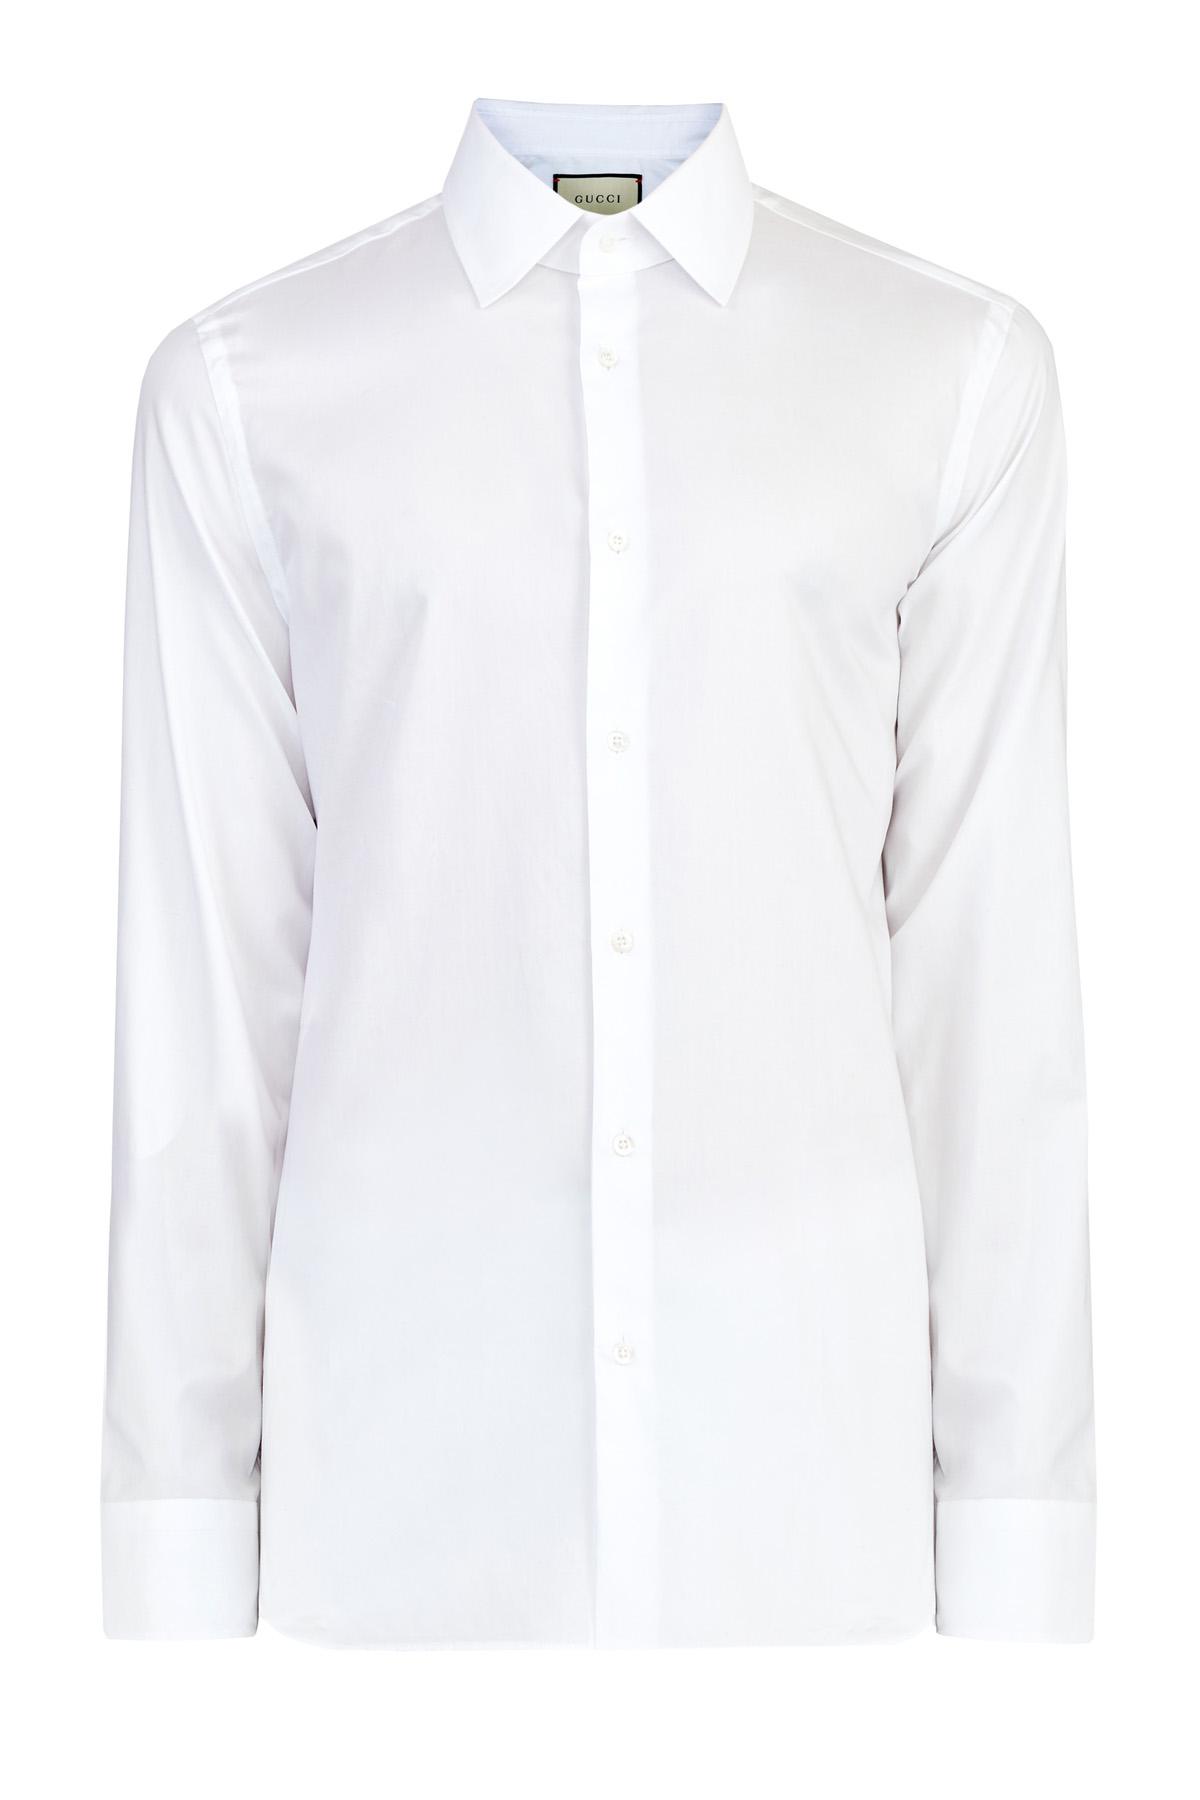 Классическая белая рубашка из хлопкового поплина